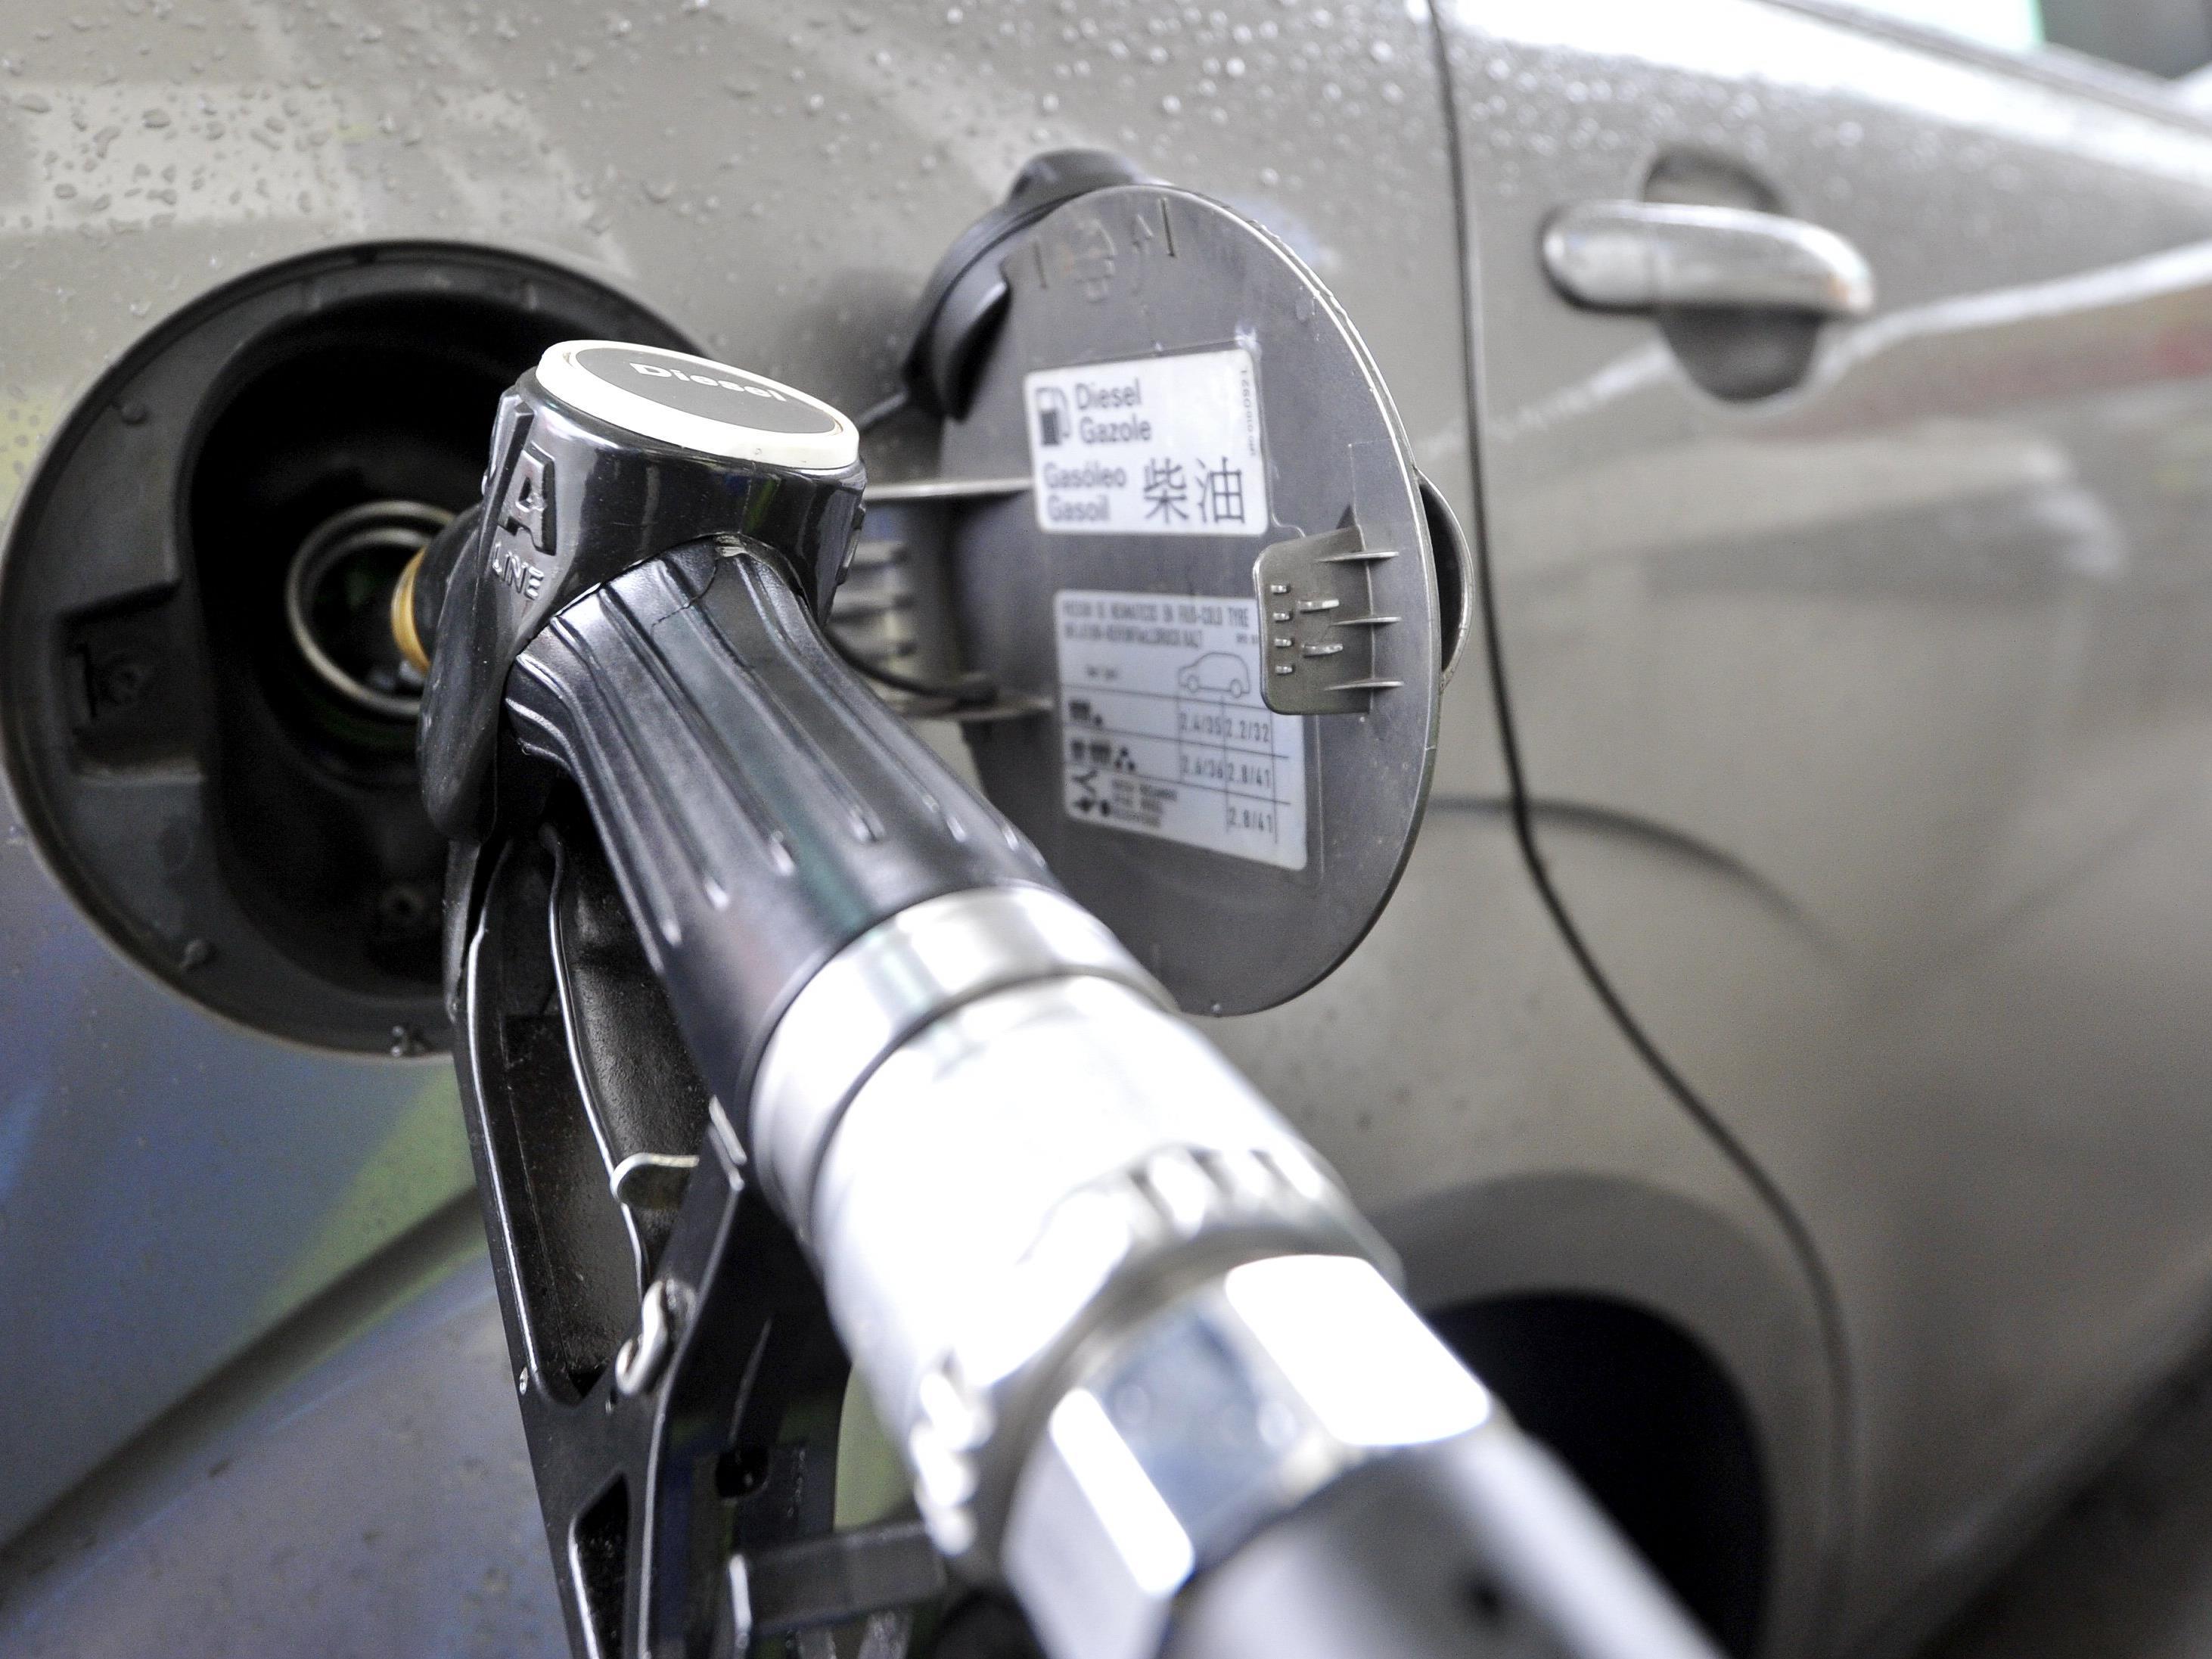 Überangebot an Rohöl drückt den Spritpreis.